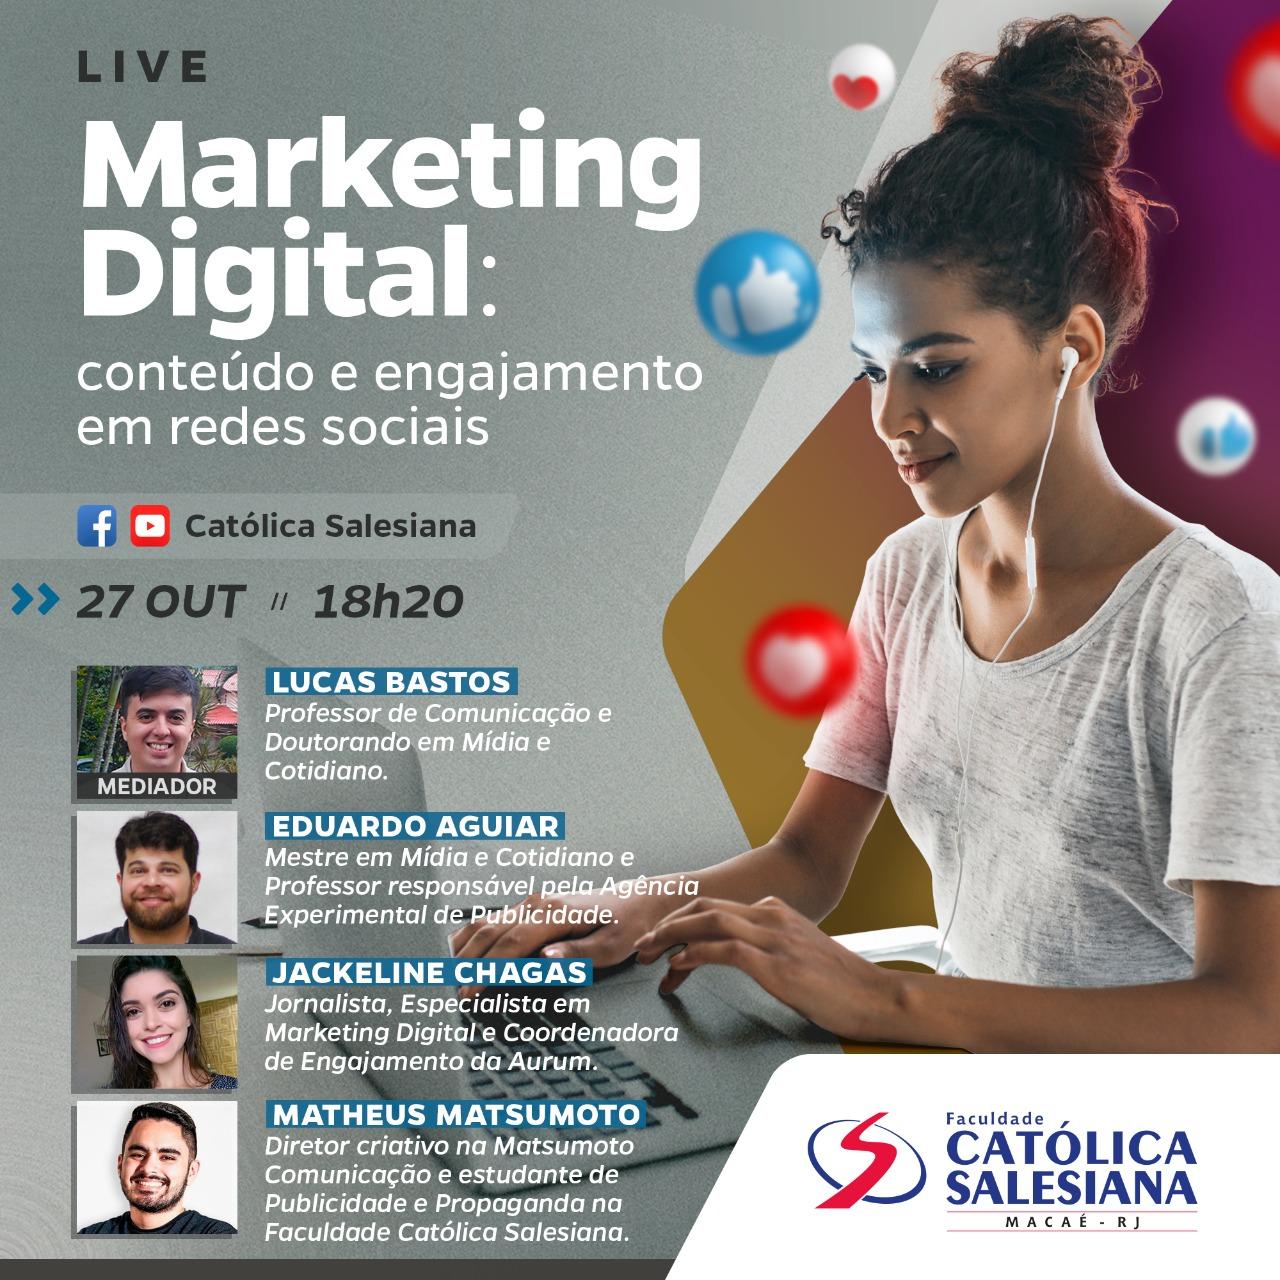 Católica Salesiana vai realizar Live sobre Marketing Digital